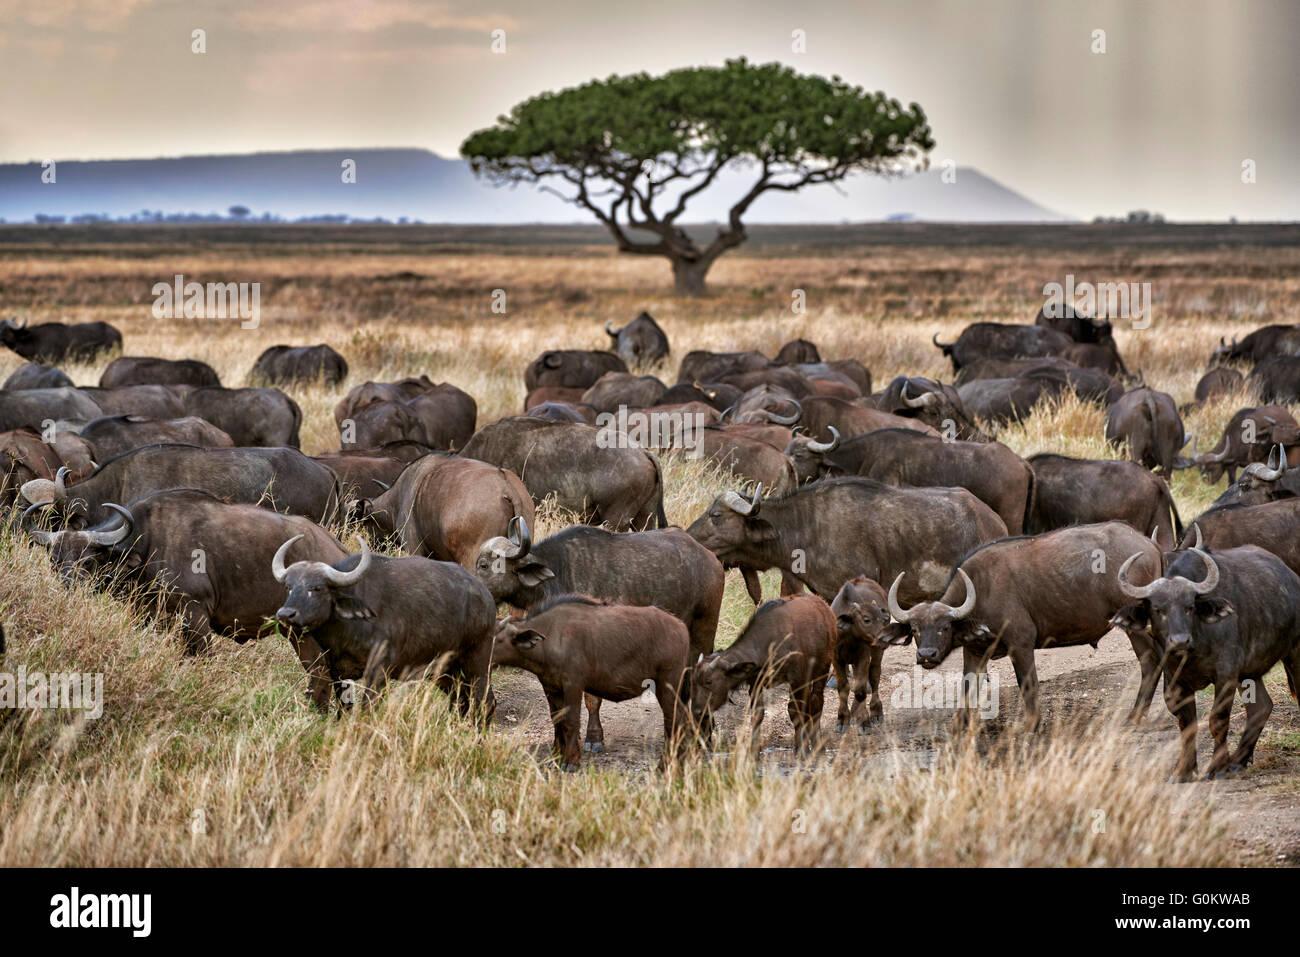 Mandria di bufali africani (Syncerus caffer) al tramonto nel Parco Nazionale del Serengeti, sito patrimonio mondiale Immagini Stock